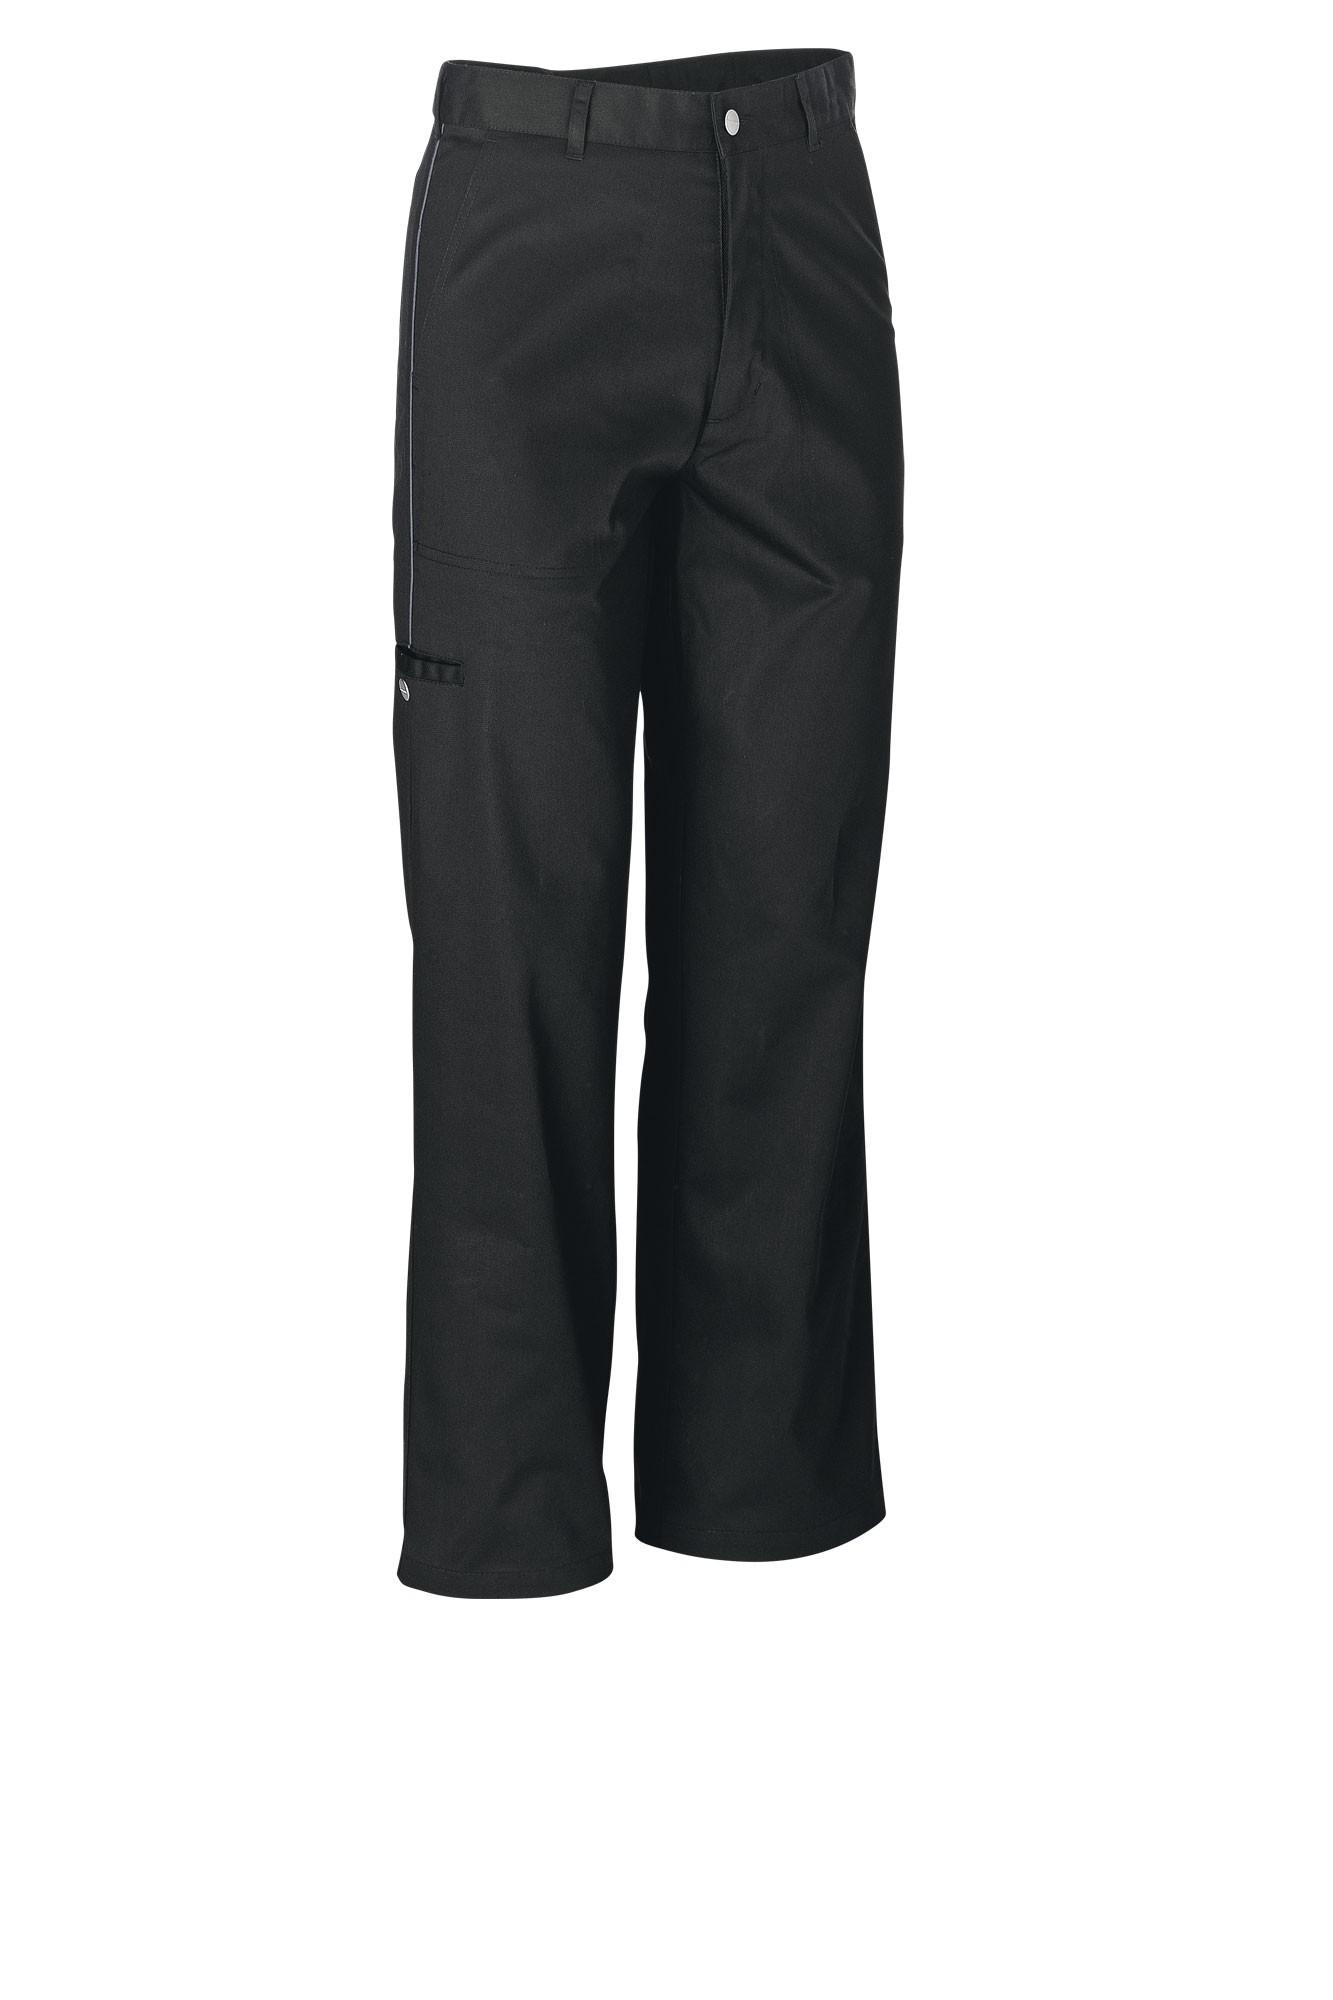 Pánské kalhoty Colin - černá/lem šedá